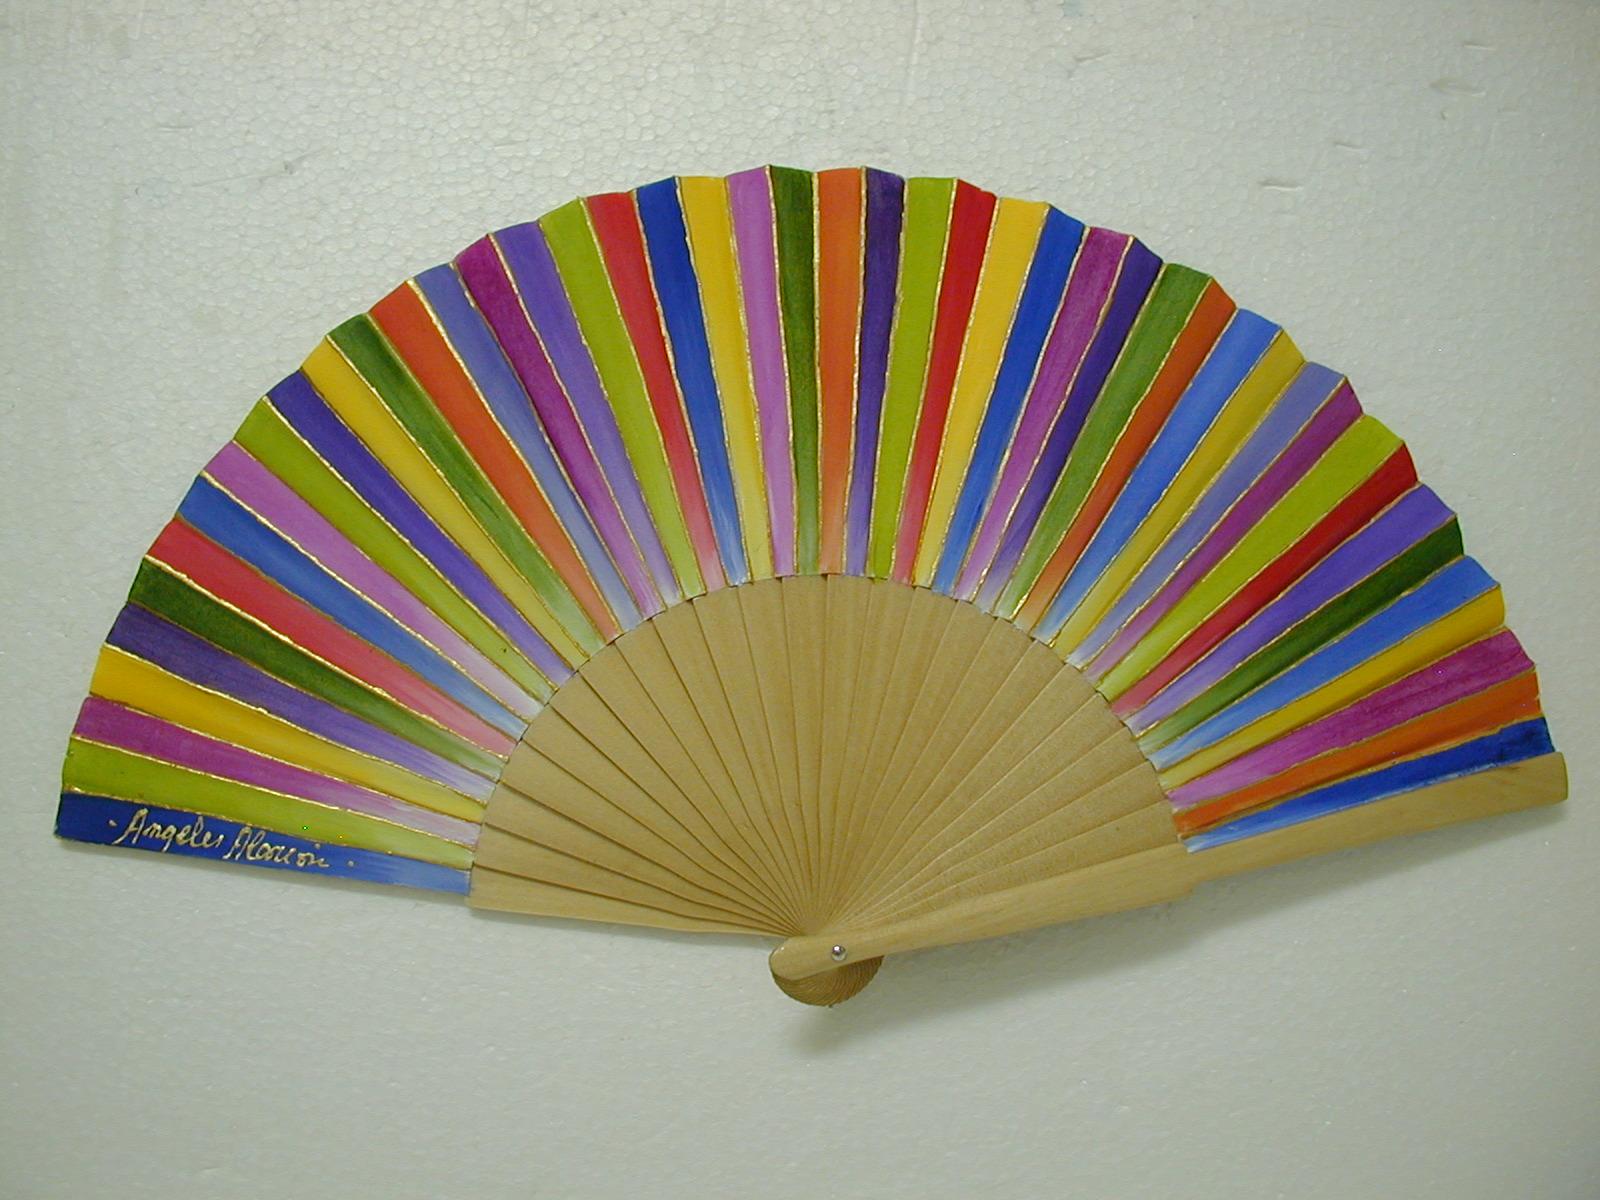 Mis cajas de madera abanico mil colores for Abanico de colores